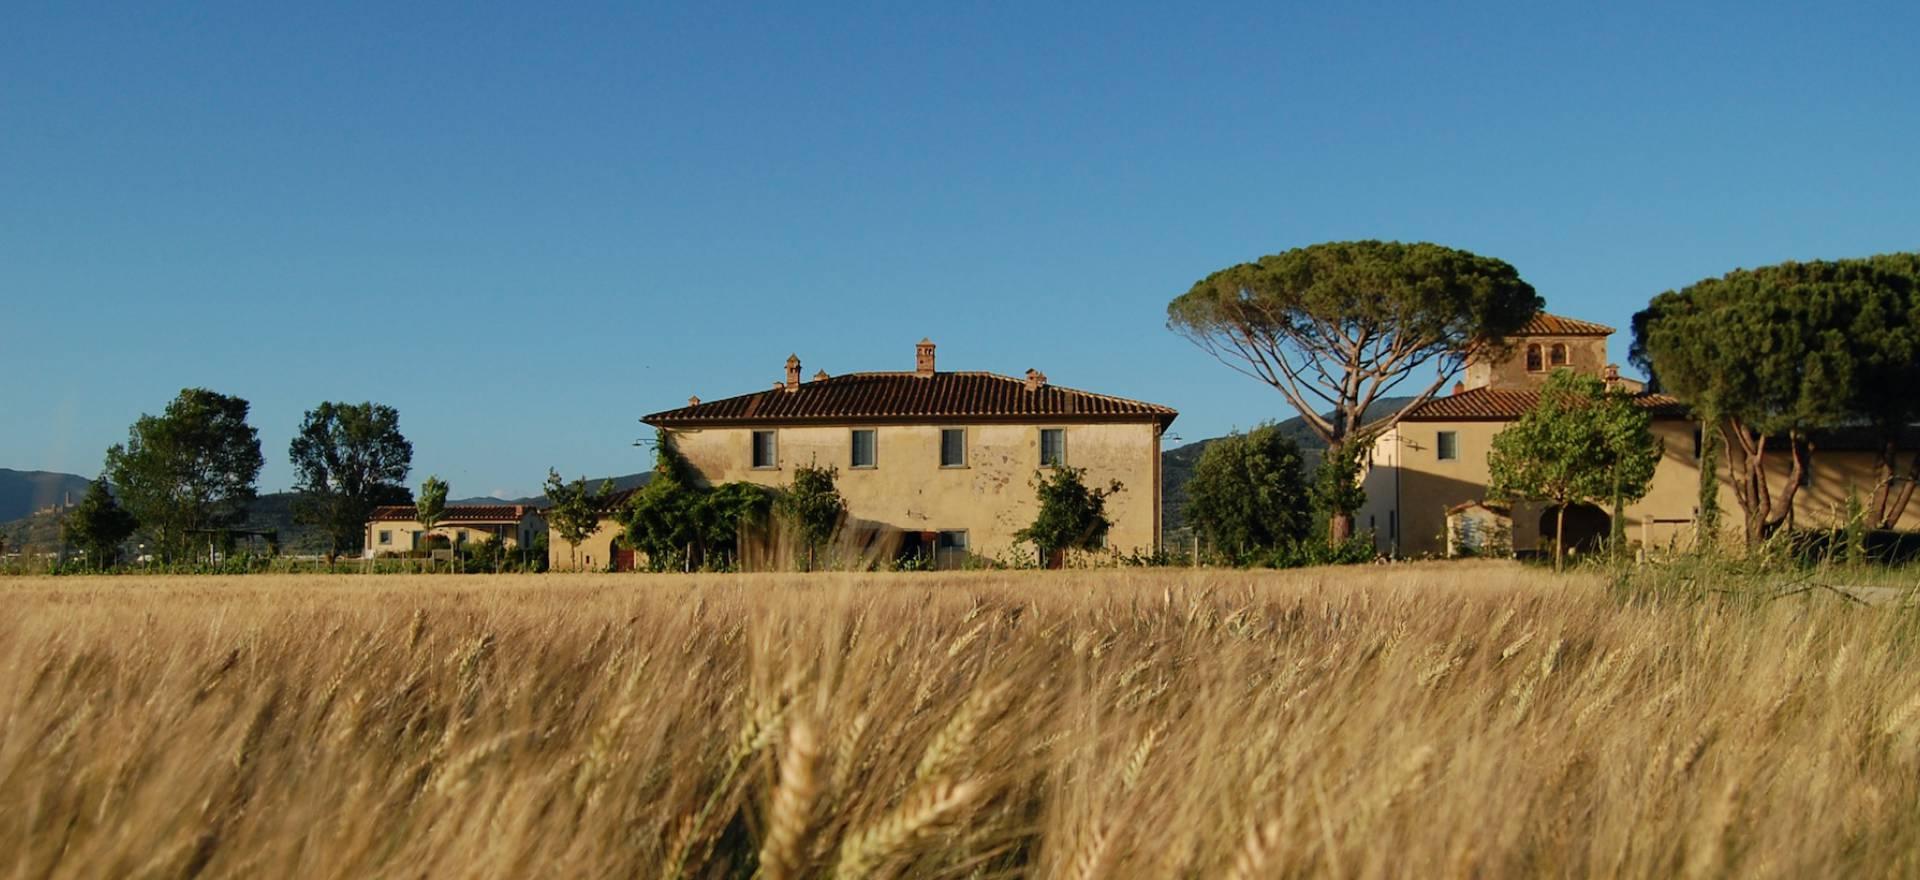 Gastvrije agriturismo nabij Cortona